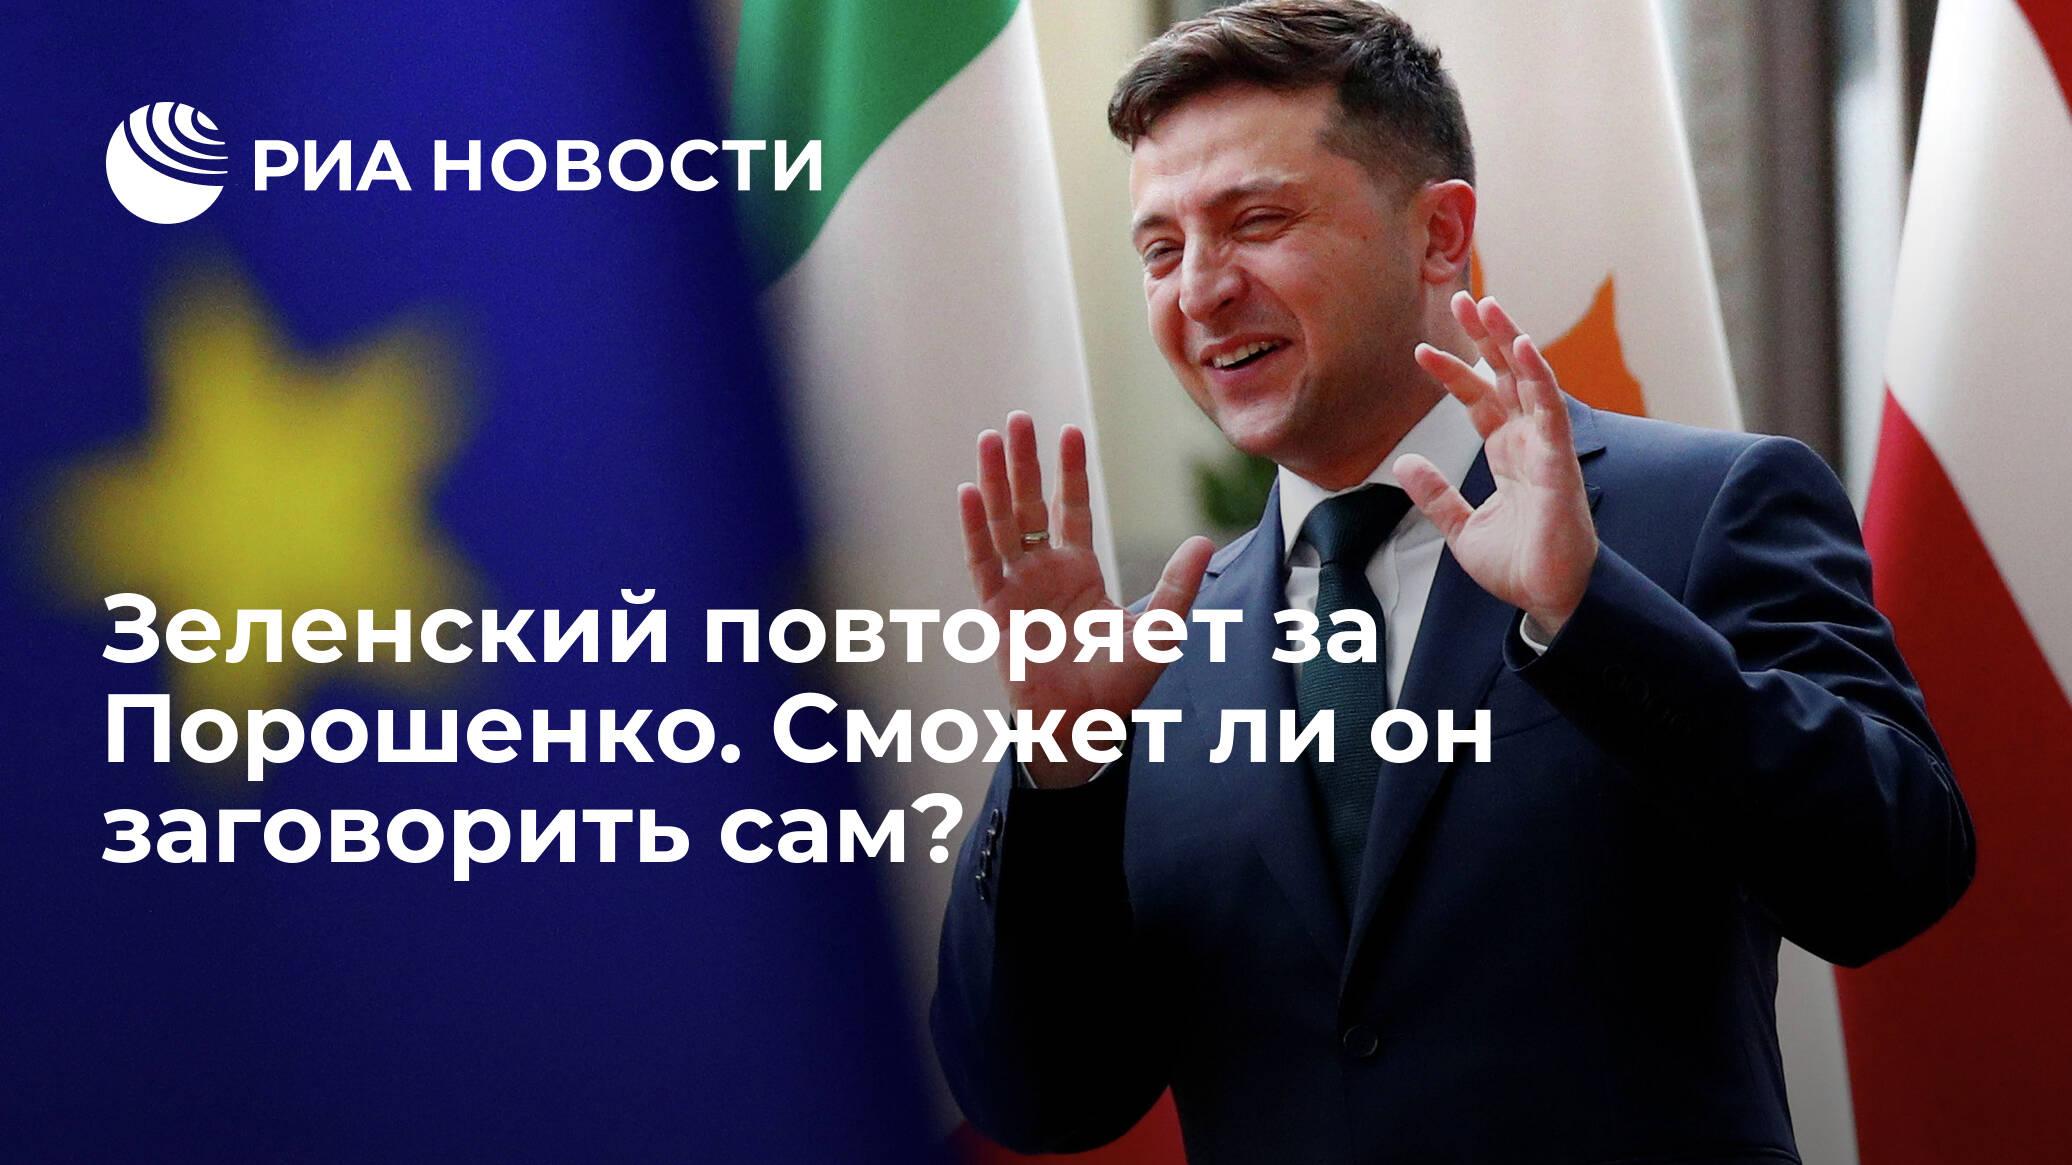 Зеленский повторяет за Порошенко. Сможет ли он заговорить ...